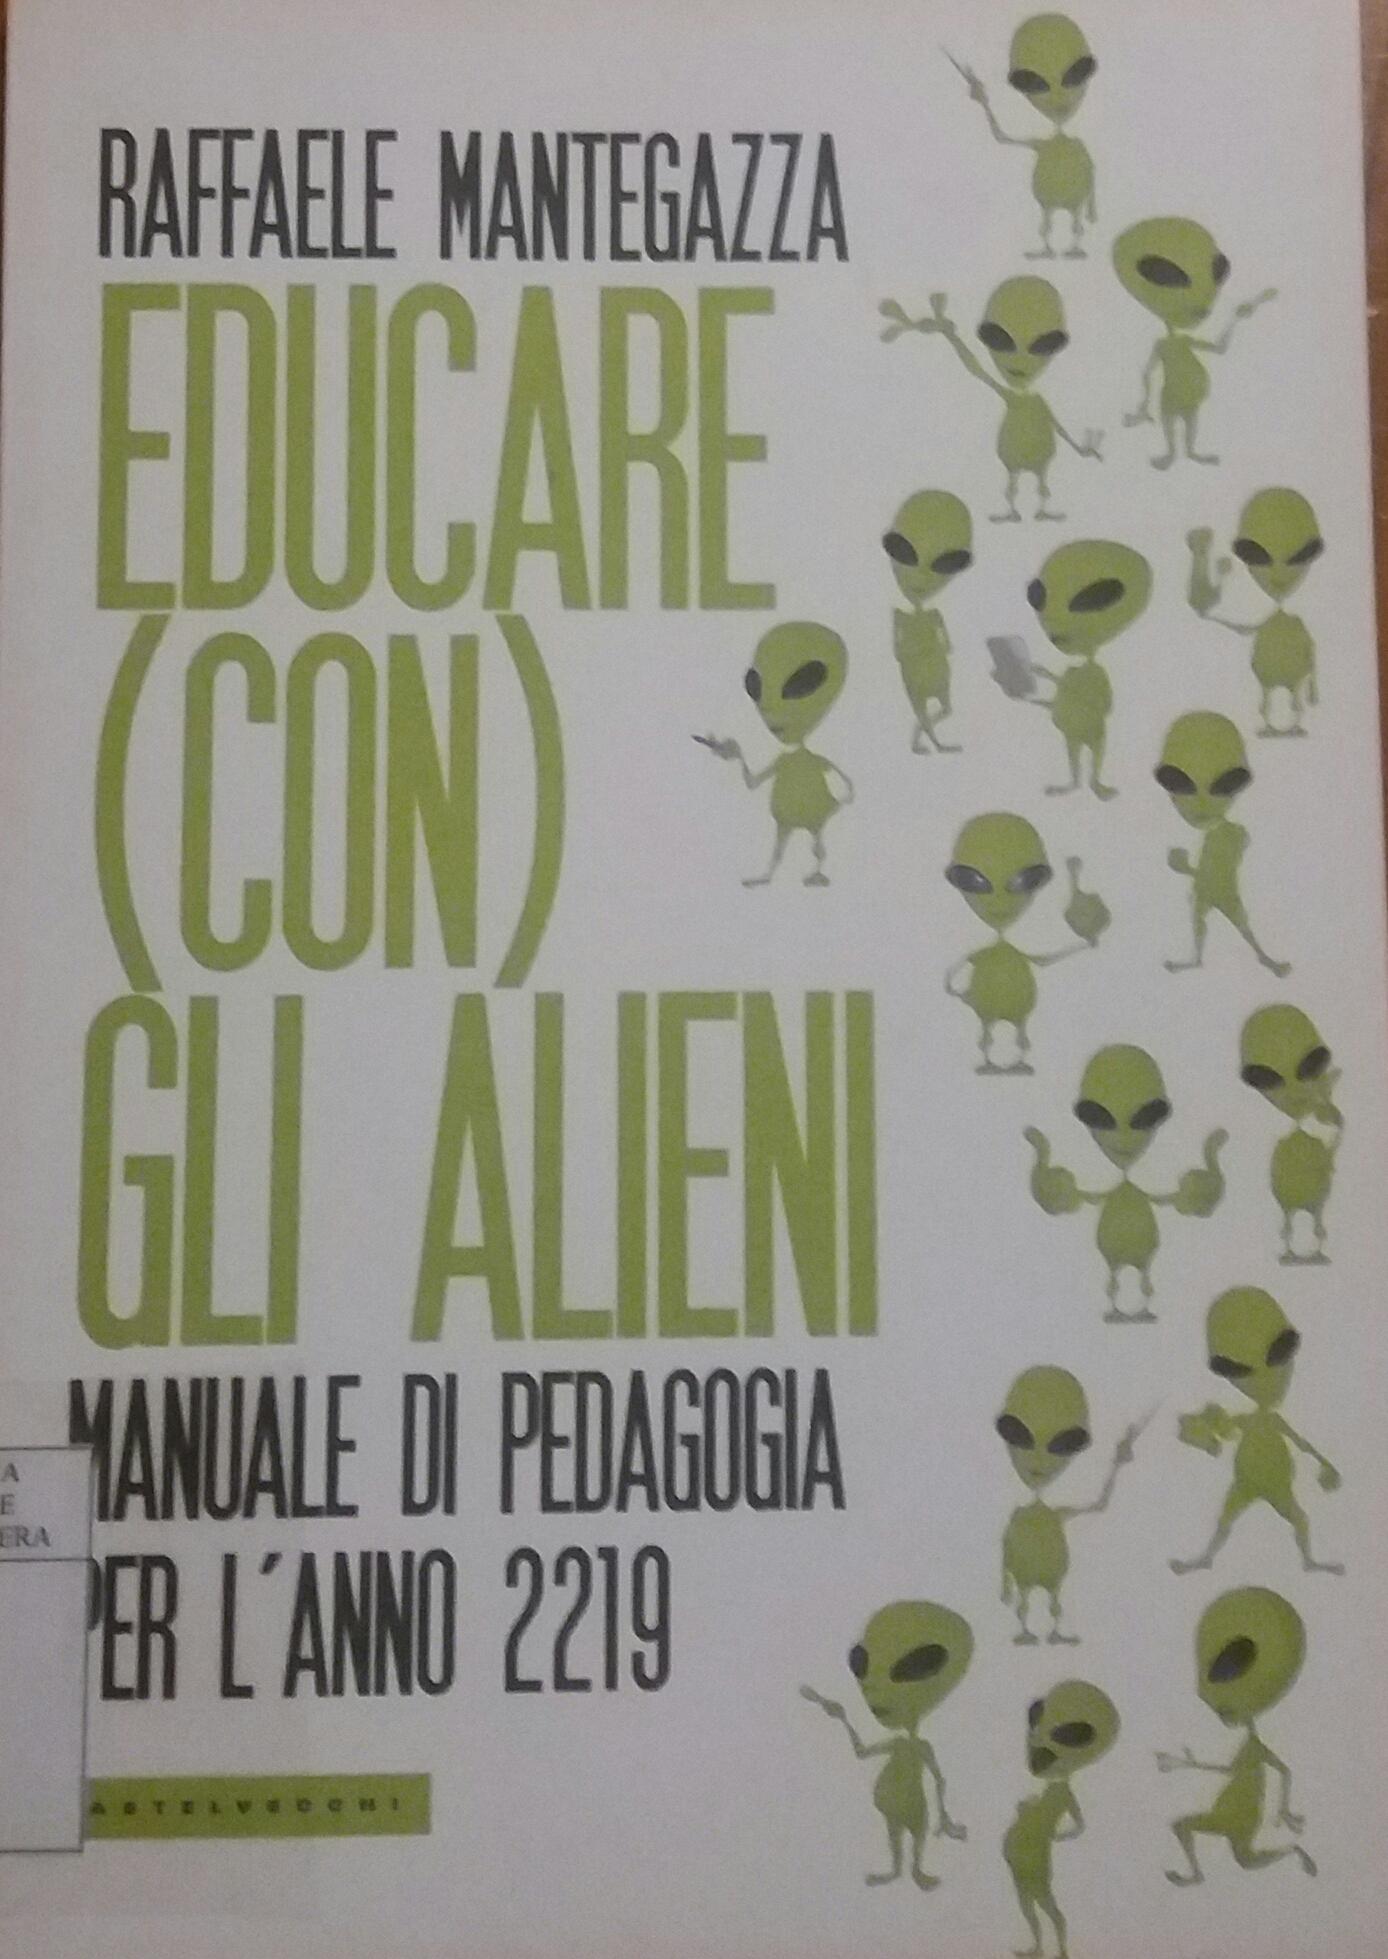 Educare (con) gli alieni